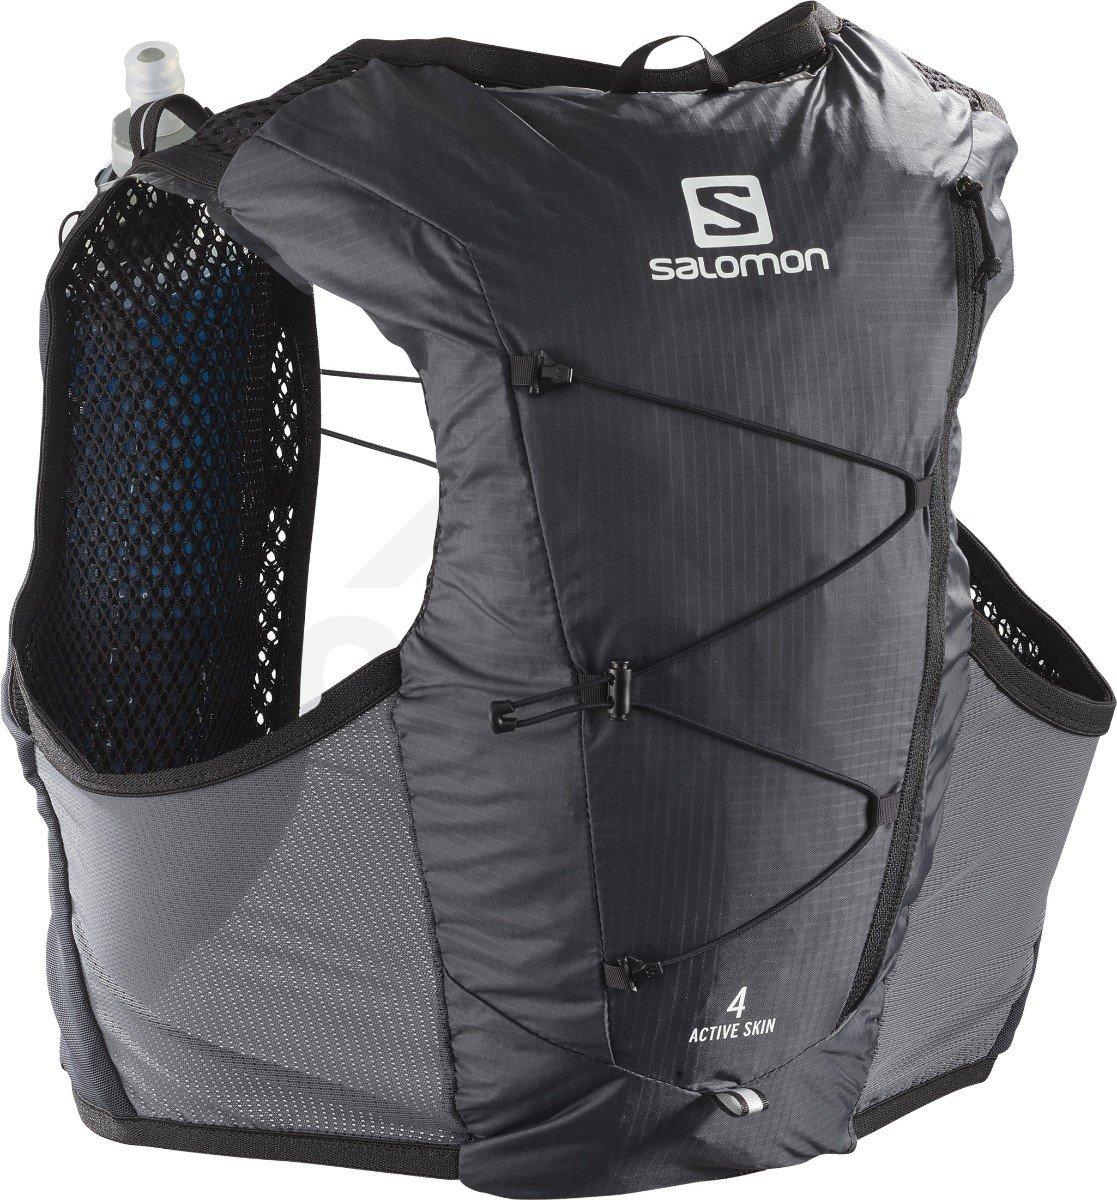 Batoh Salomon ACTIVE SKIN 4 SET M - šedá/černá